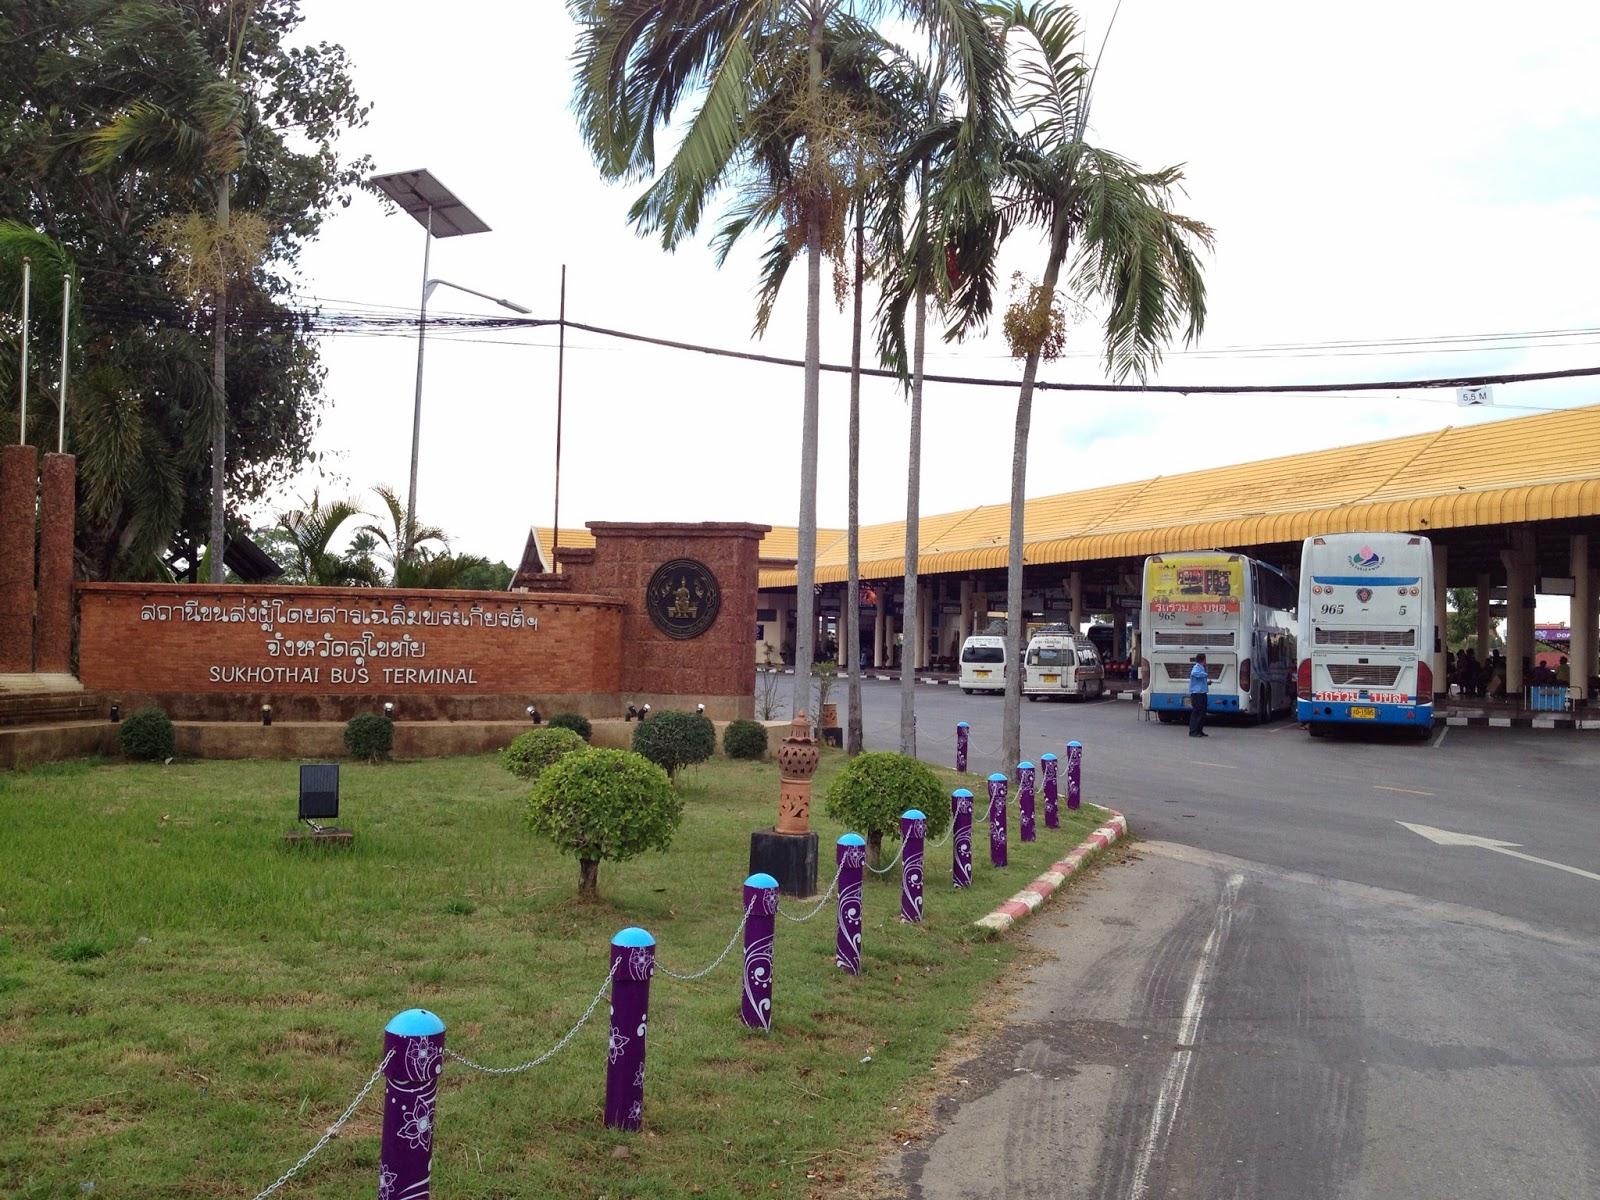 Old Sukhothai - Bus station